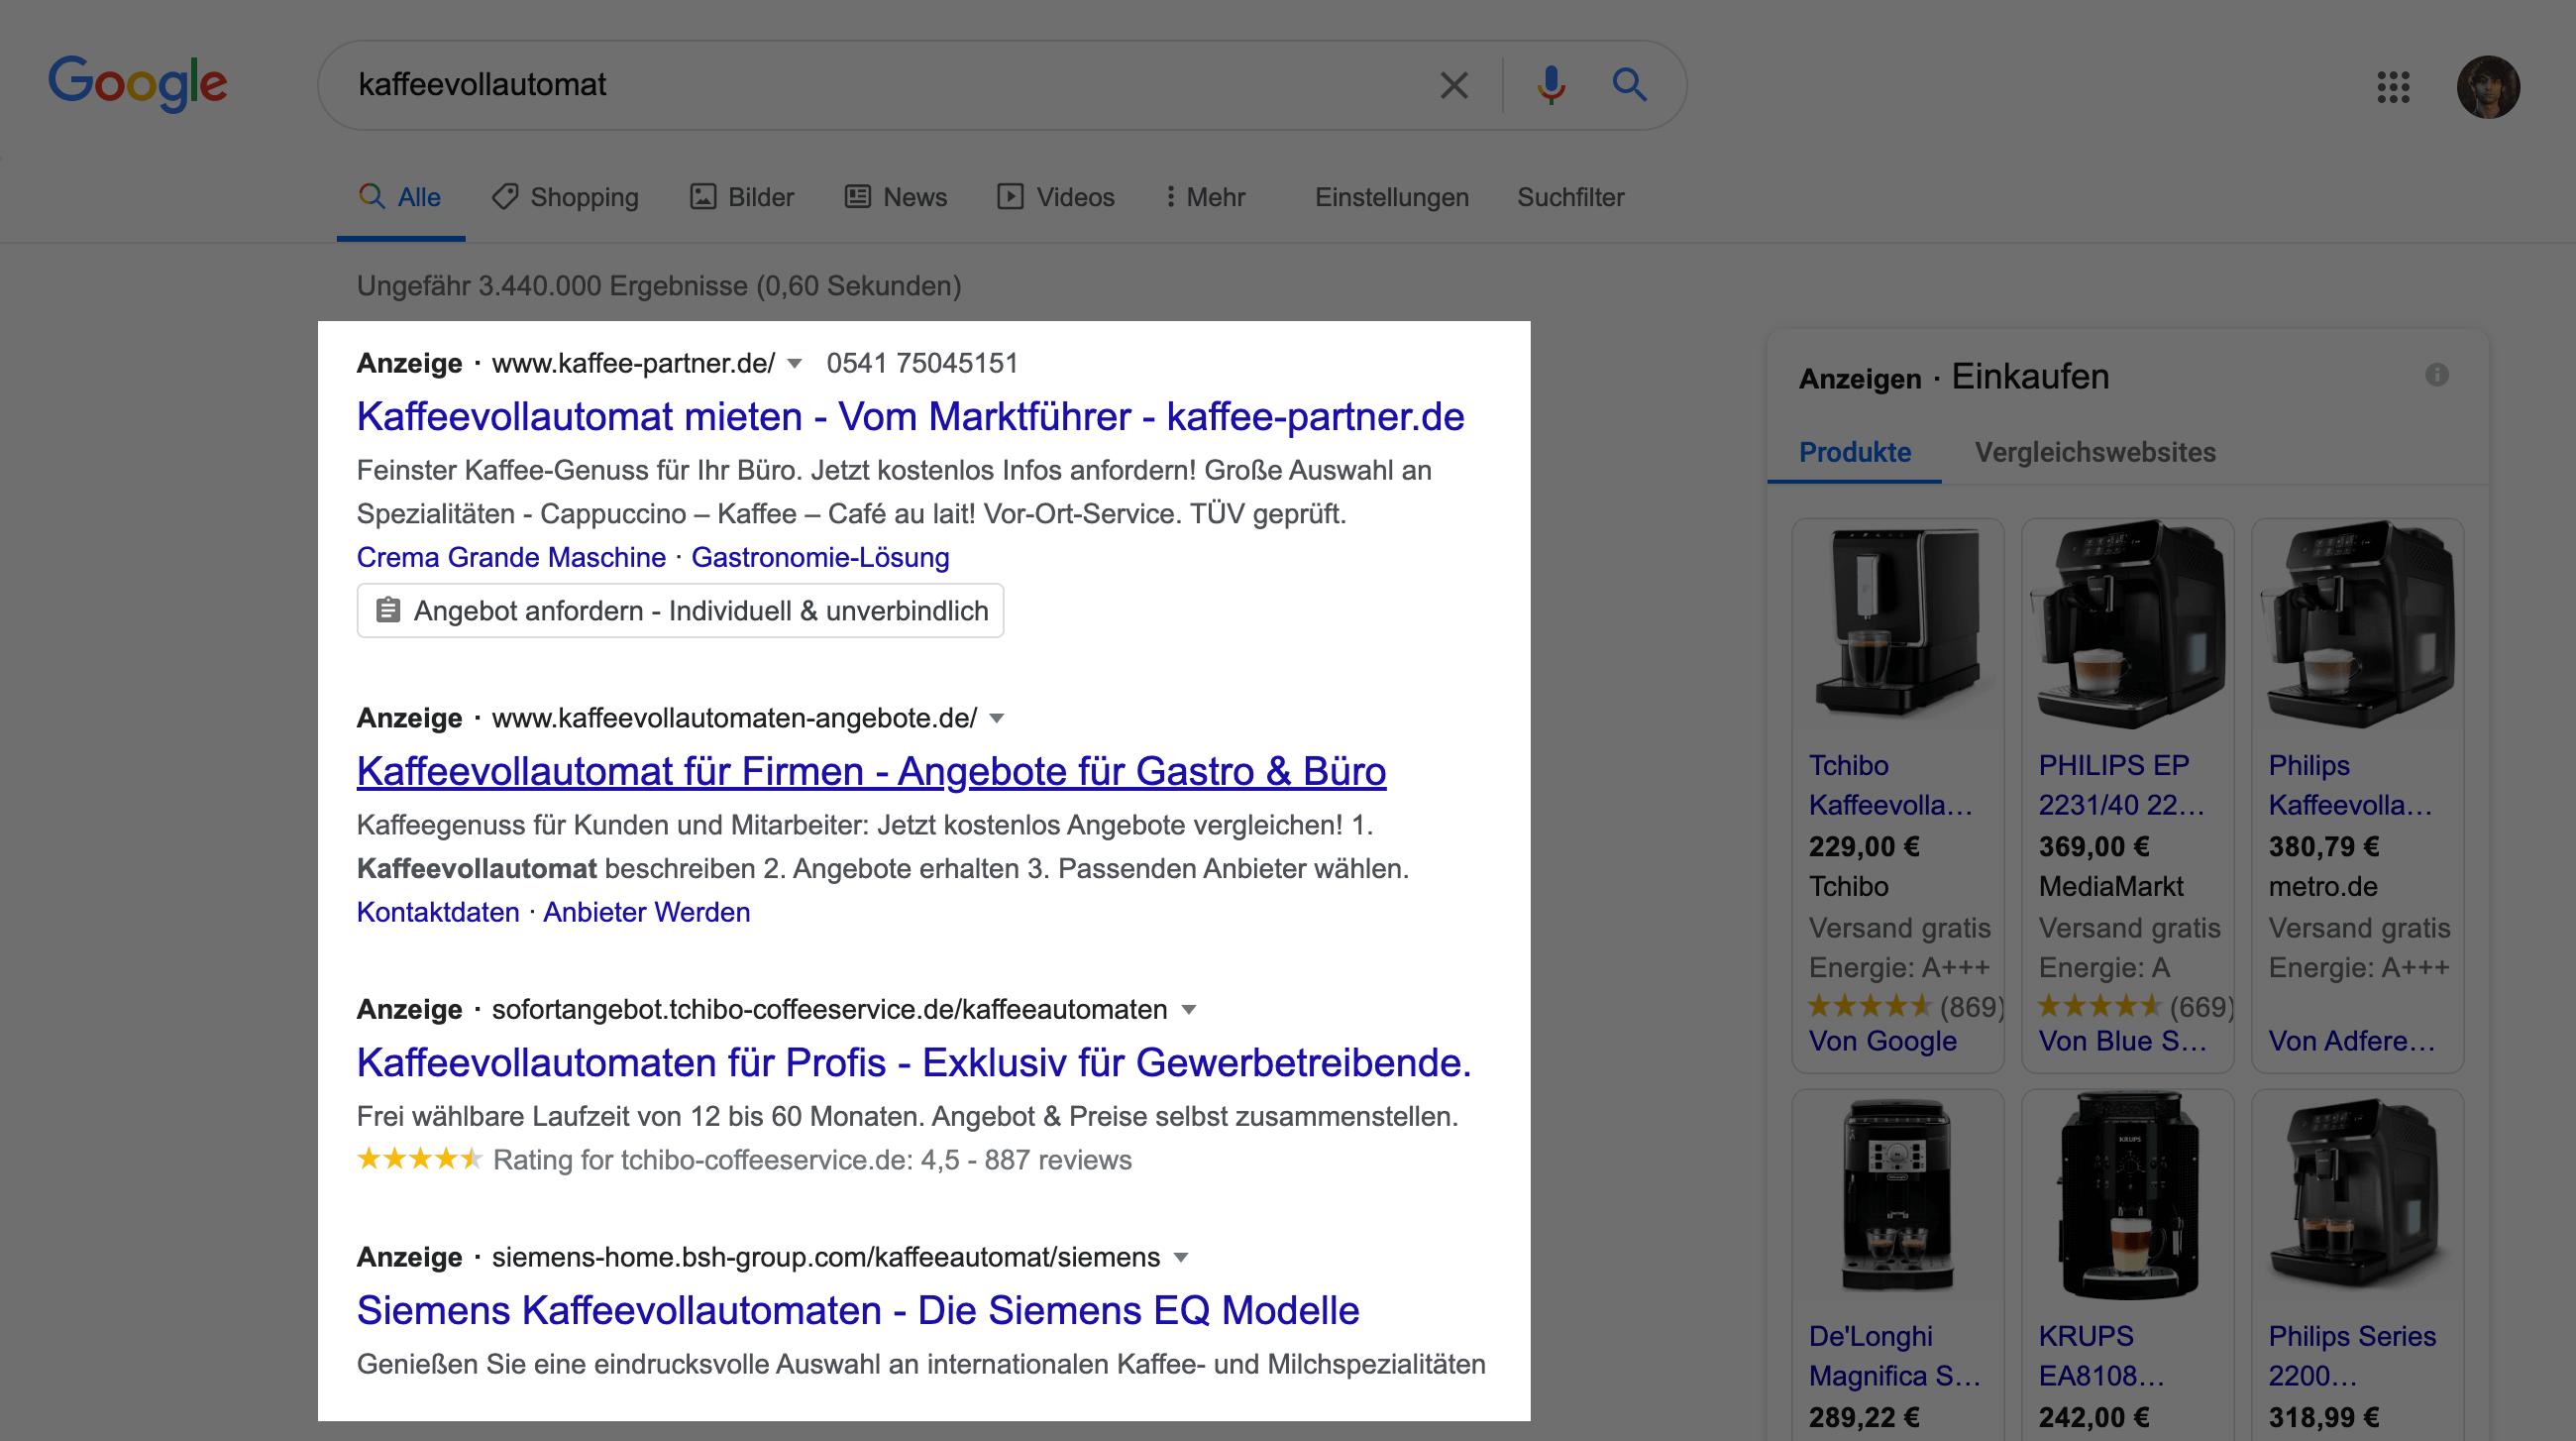 """Zeigt eine Beispiel-Suchergebnisseite auf Google für den Suchbegriff """"kaffeevollautomat"""" an. Die ersten vier Treffer sind hier Anzeigen."""